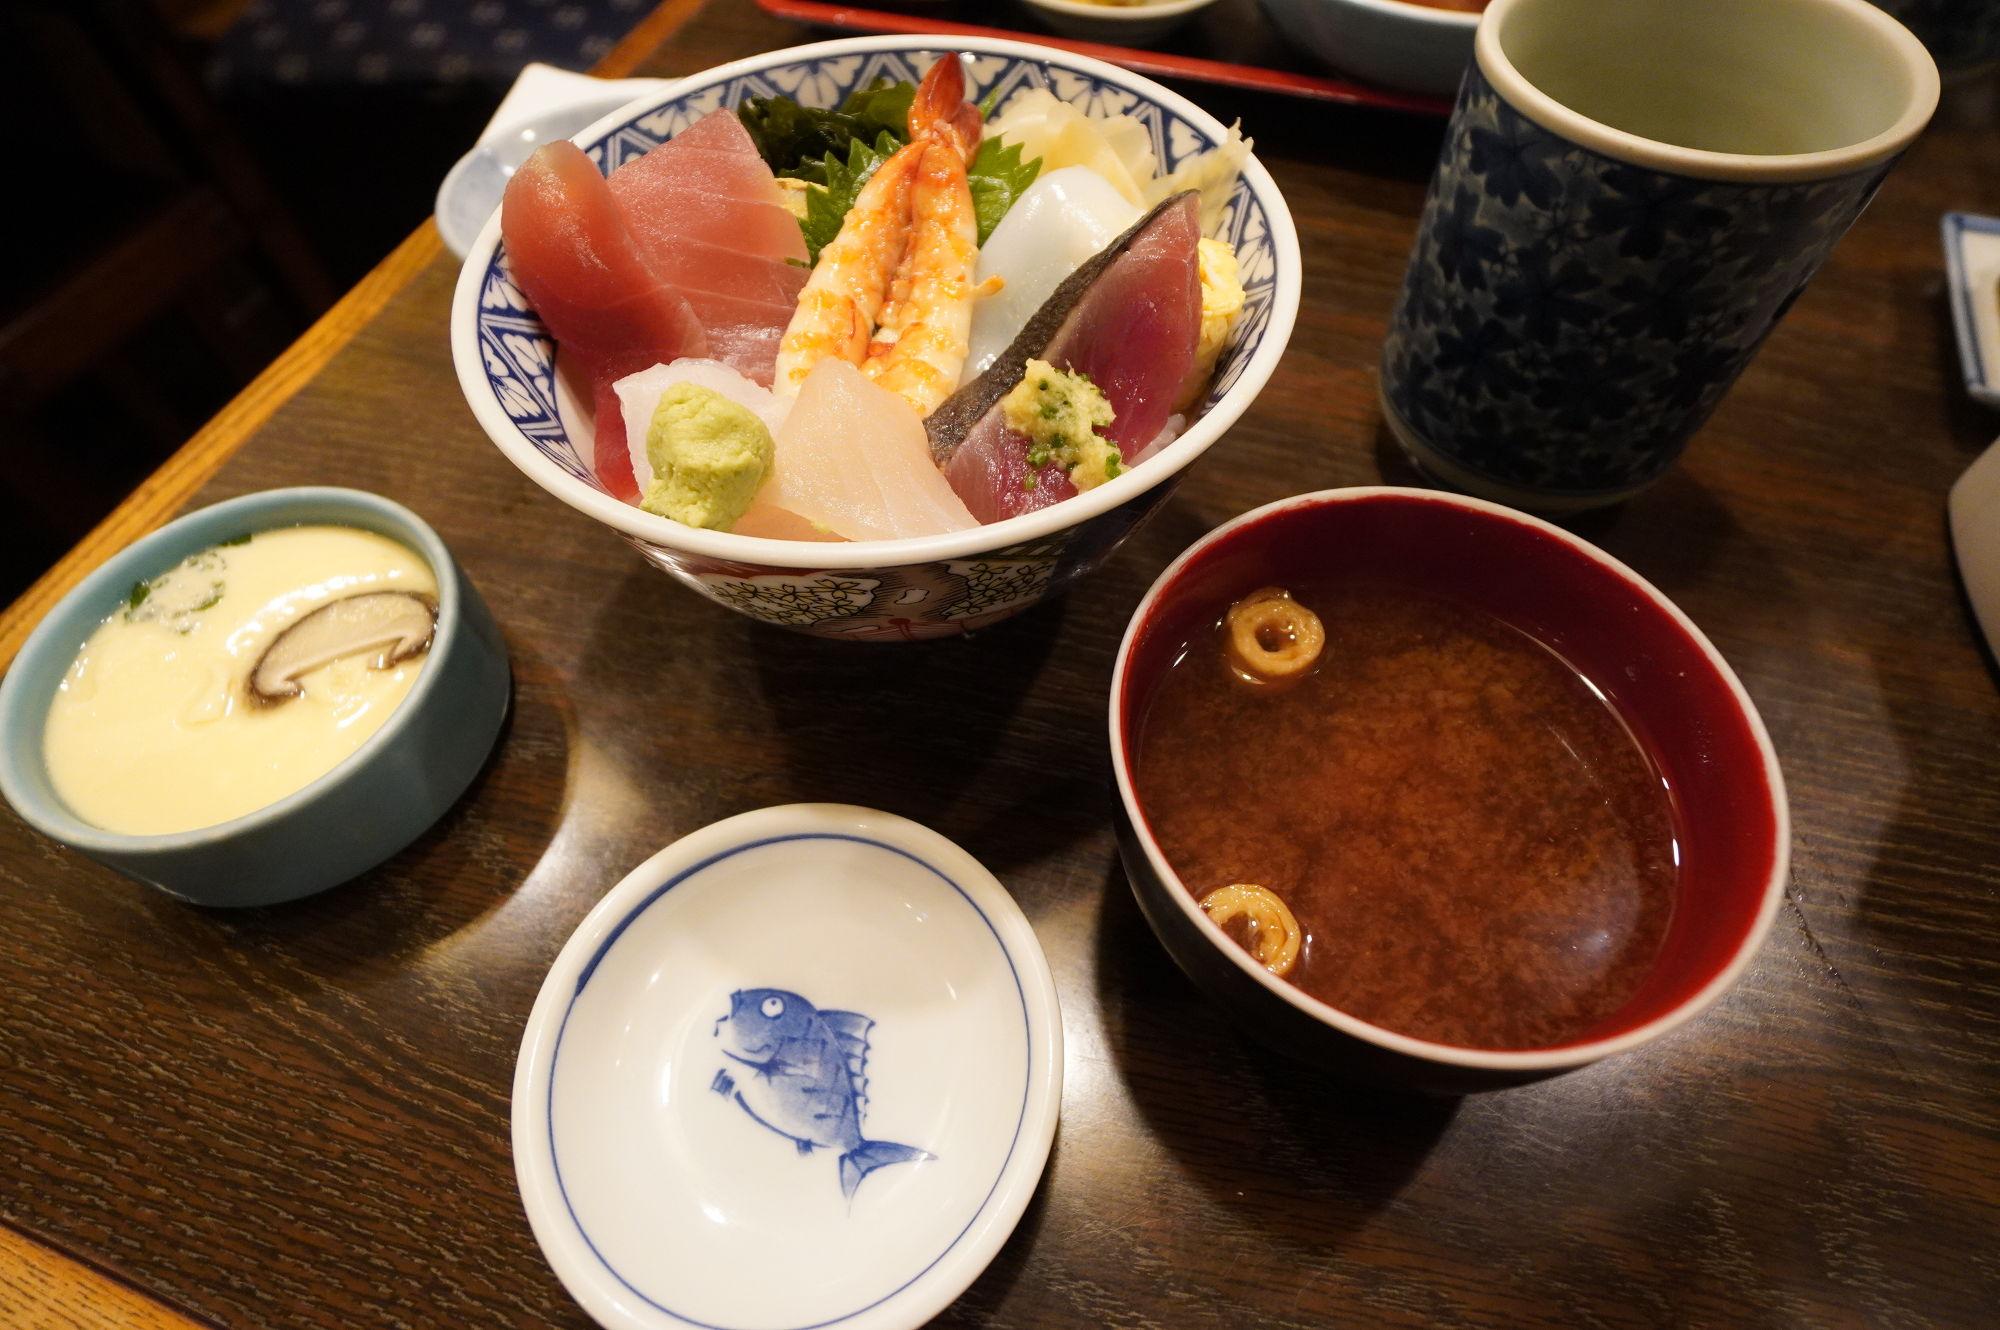 藤沢で食べた昼ご飯「海鮮丼」